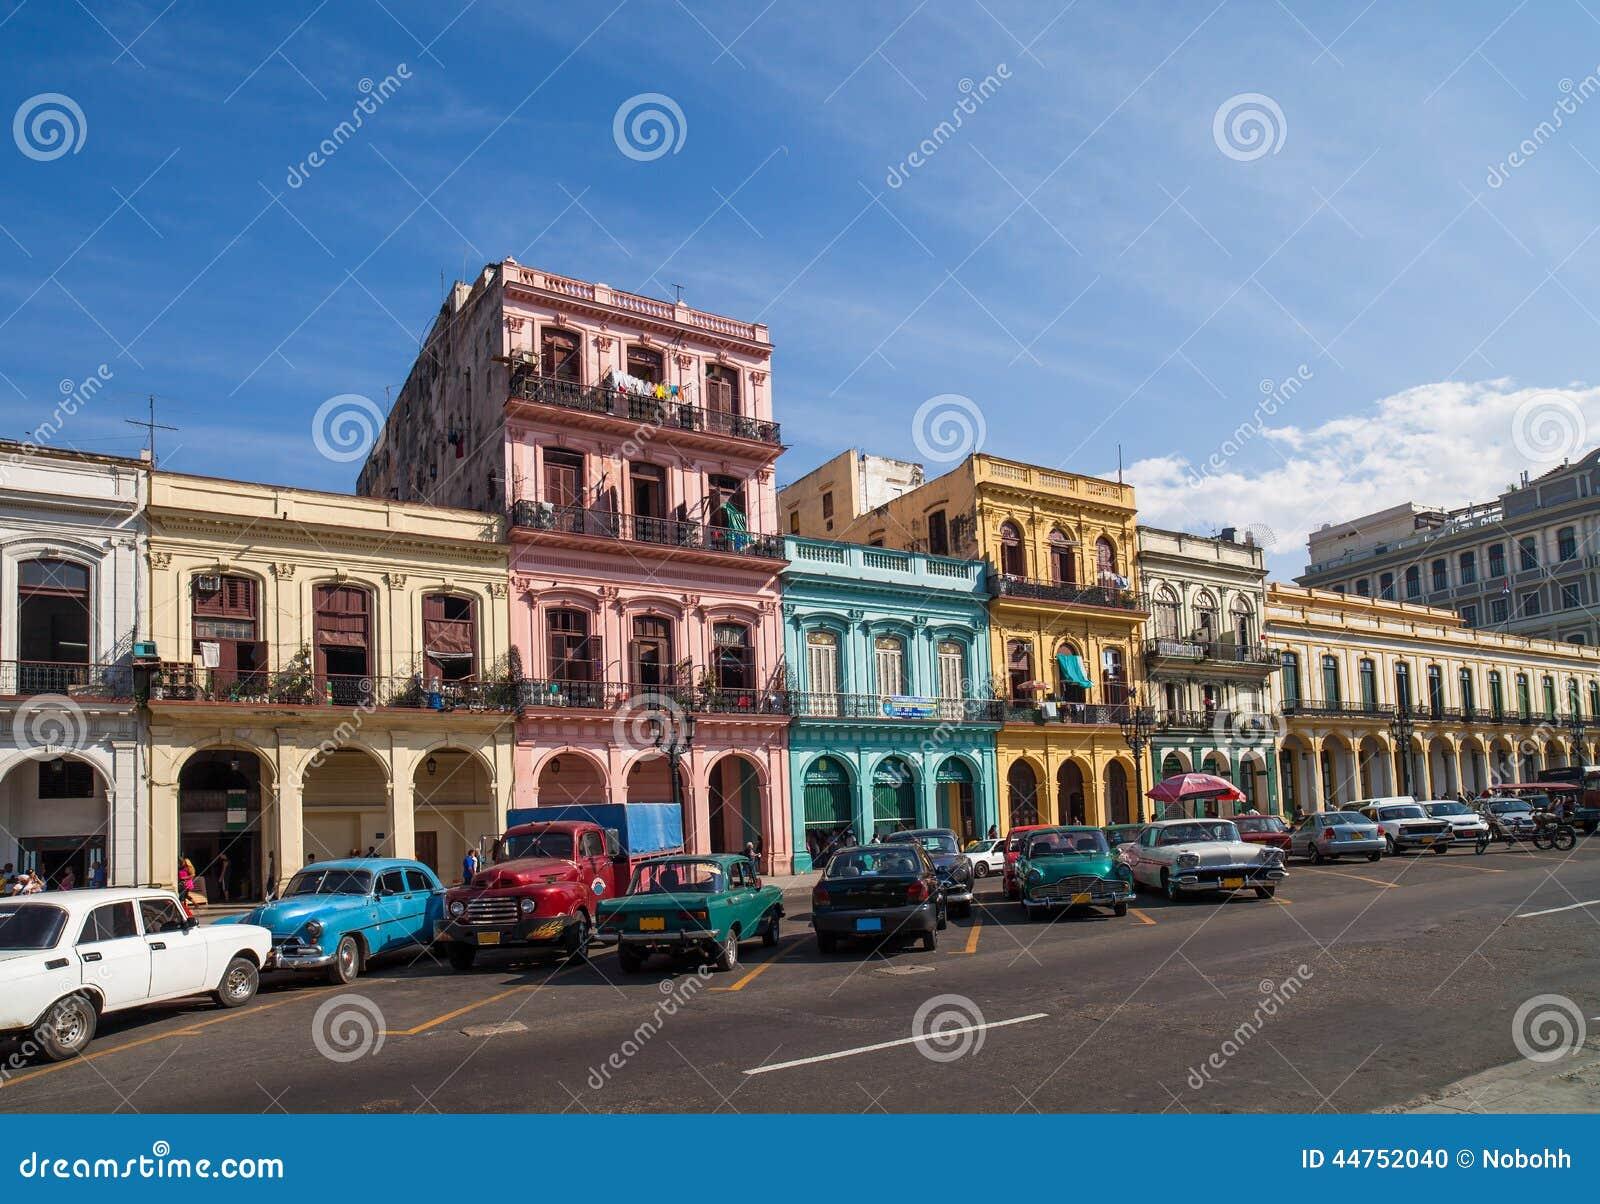 Caraïbisch Cuba Havana die op de hoofdstraat voortbouwen